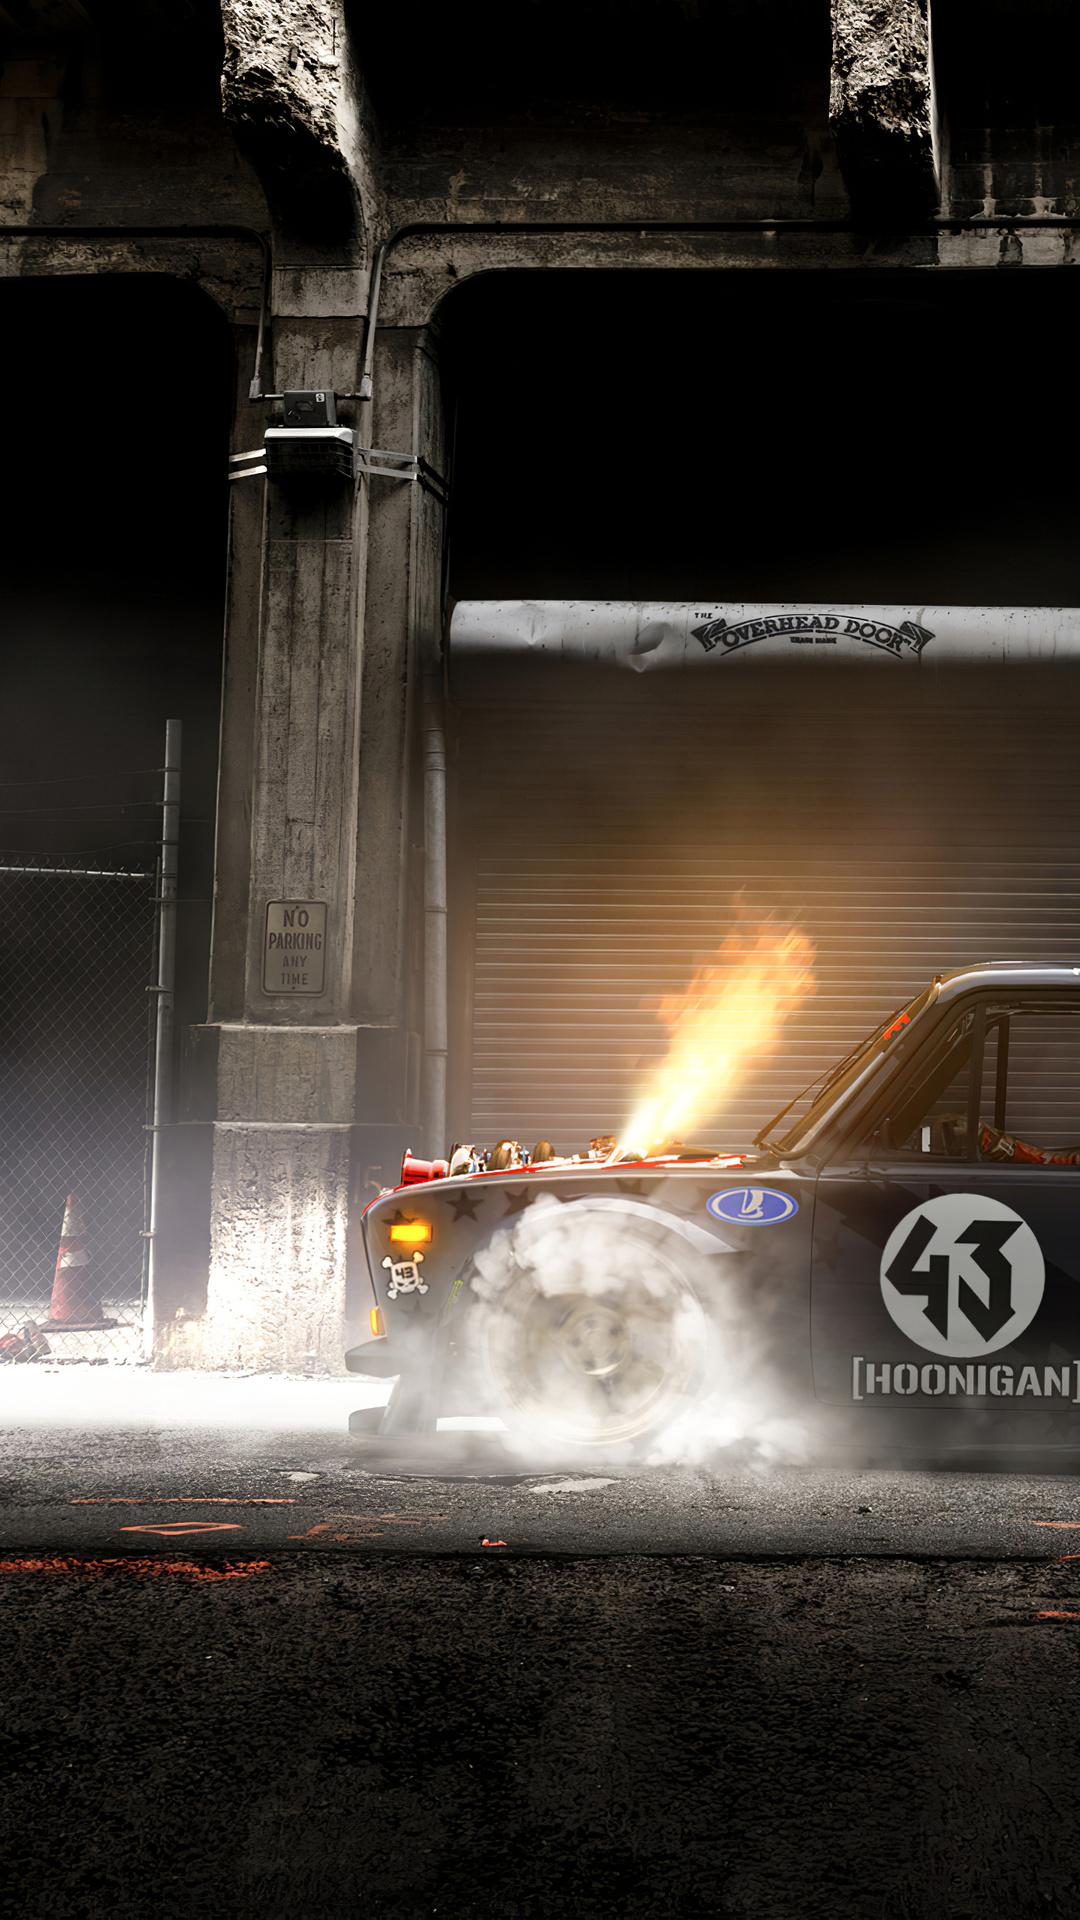 monster-car-4k-sn.jpg